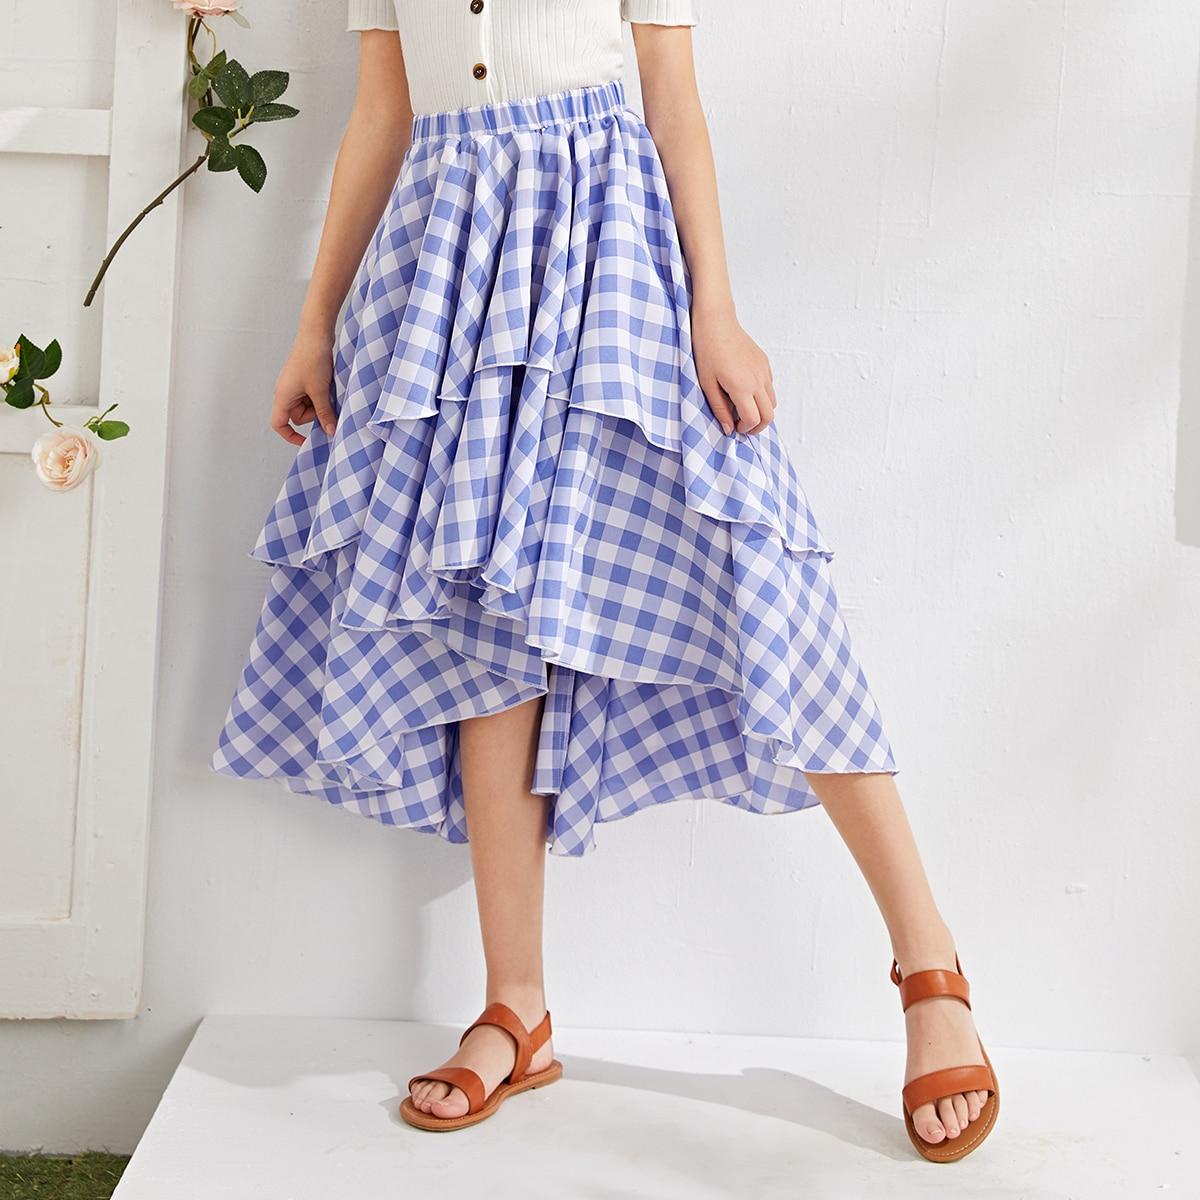 Асимметричная юбка в клетку для девочек от SHEIN